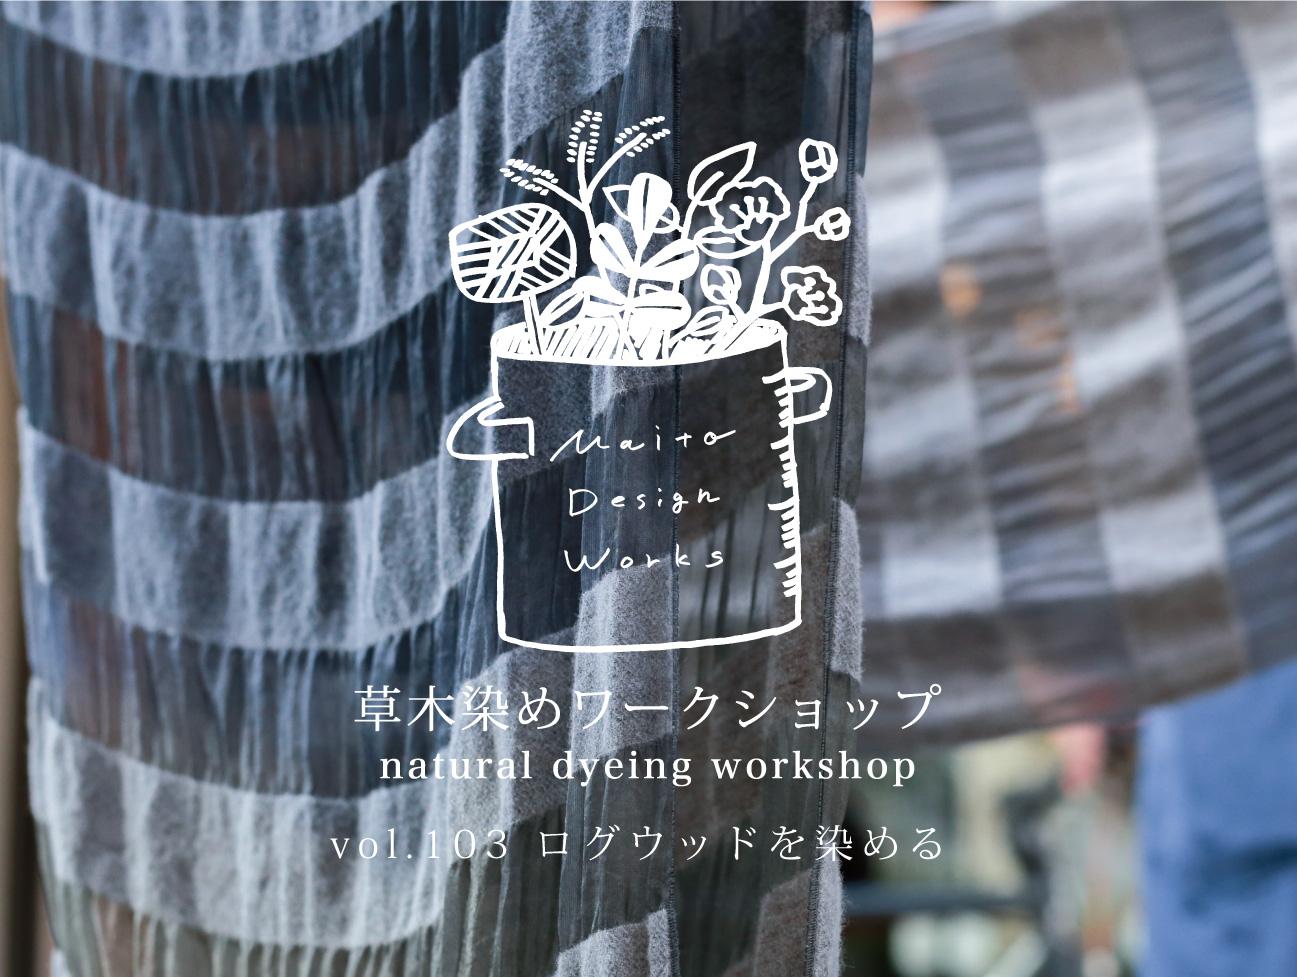 9/10・11・12草木染めワークショップ ~ログウッドを染める~